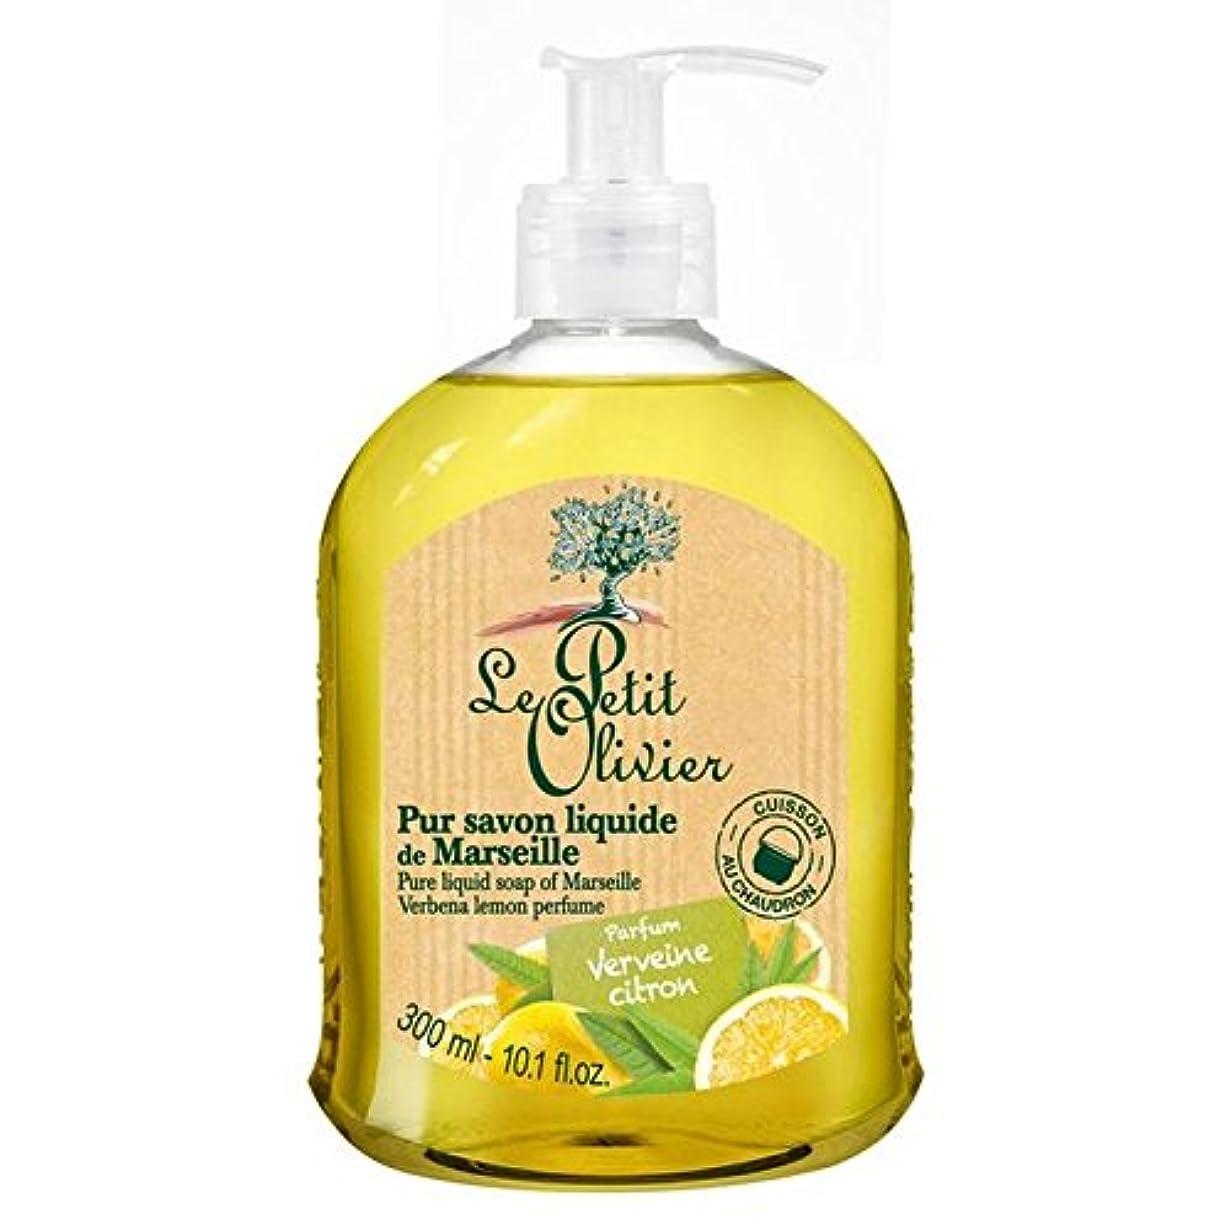 信号開示するドールマルセイユのル?プティ?オリヴィエ純粋な液体石鹸、バーベナレモン300ミリリットル x2 - Le Petit Olivier Pure Liquid Soap of Marseille, Verbena Lemon 300ml...